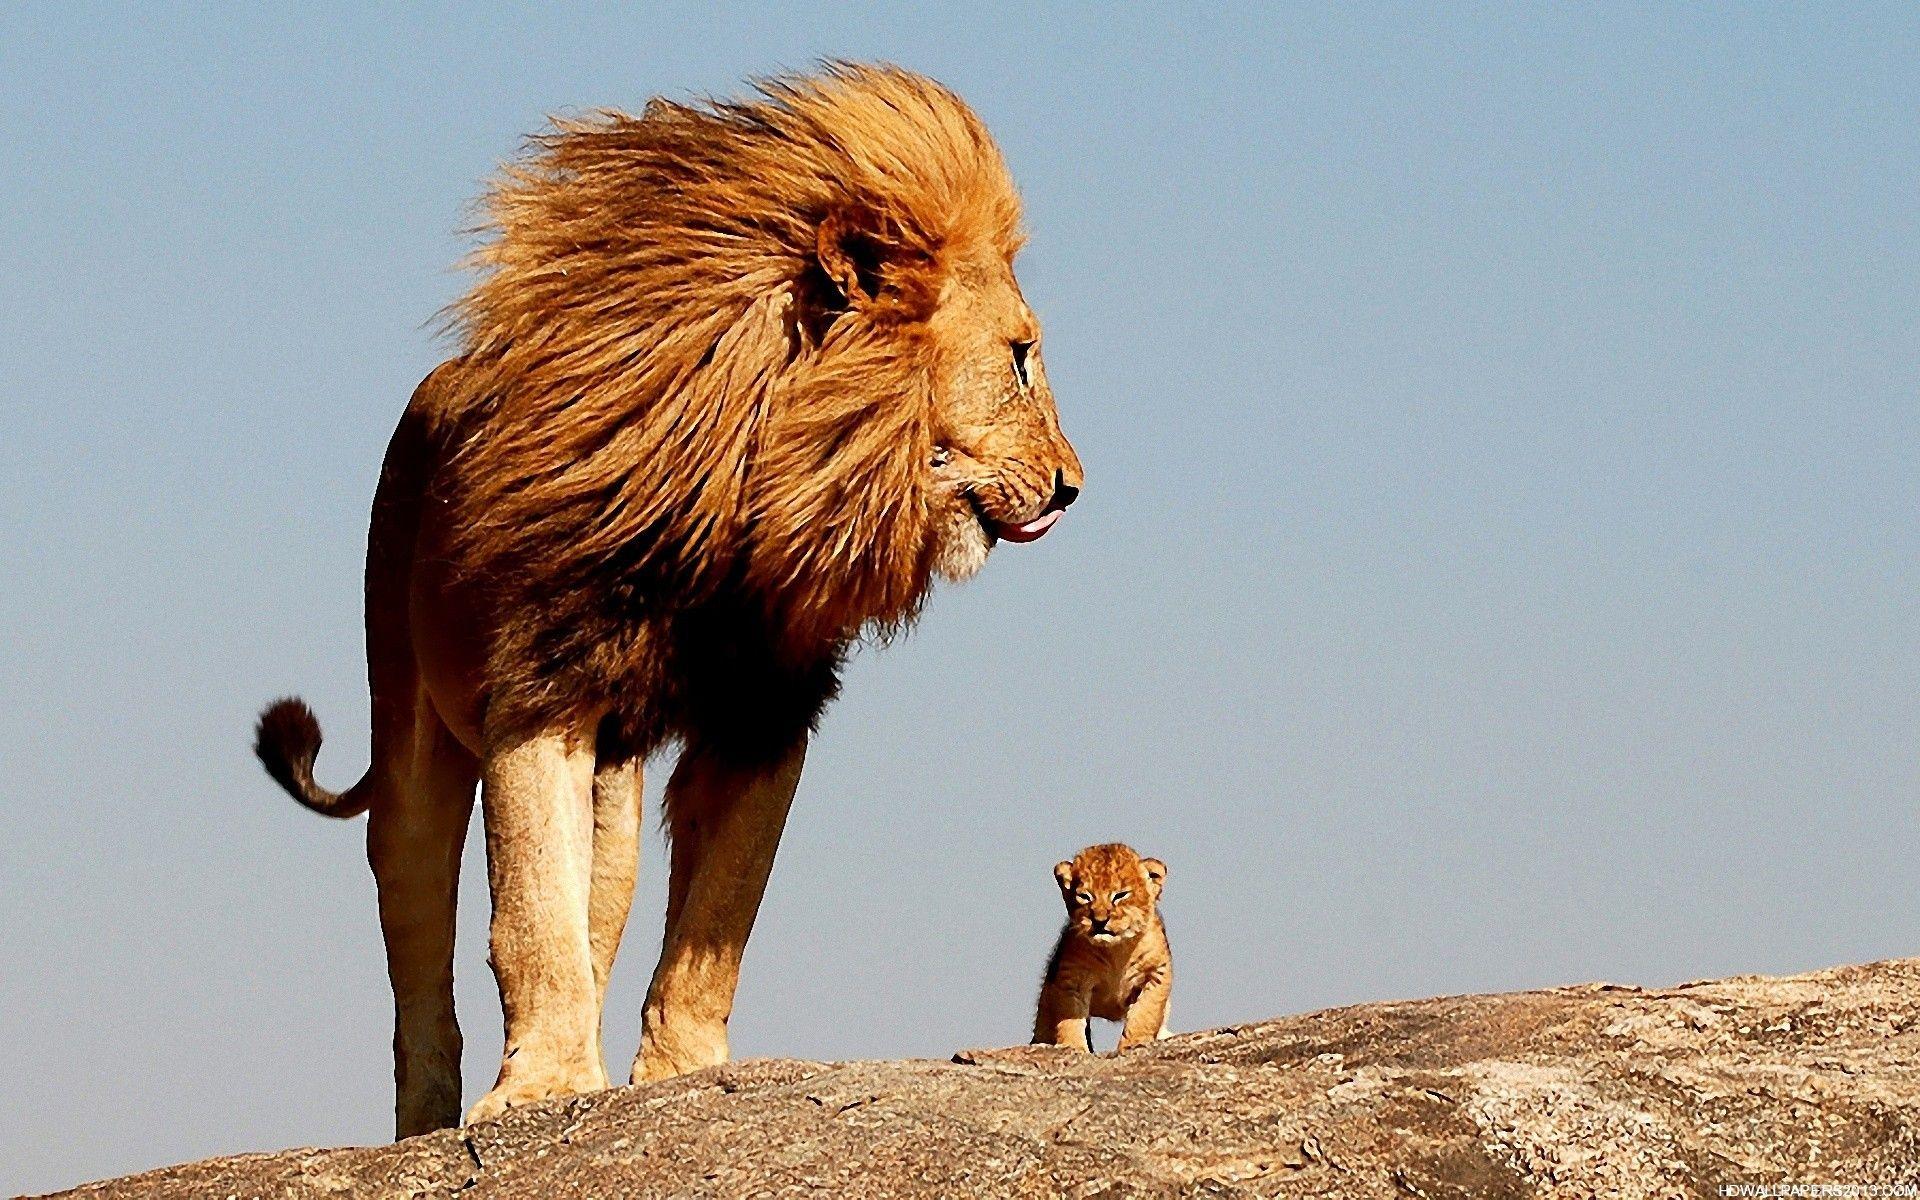 image detail for lion wallpapers download desktop 1920×1080 lion